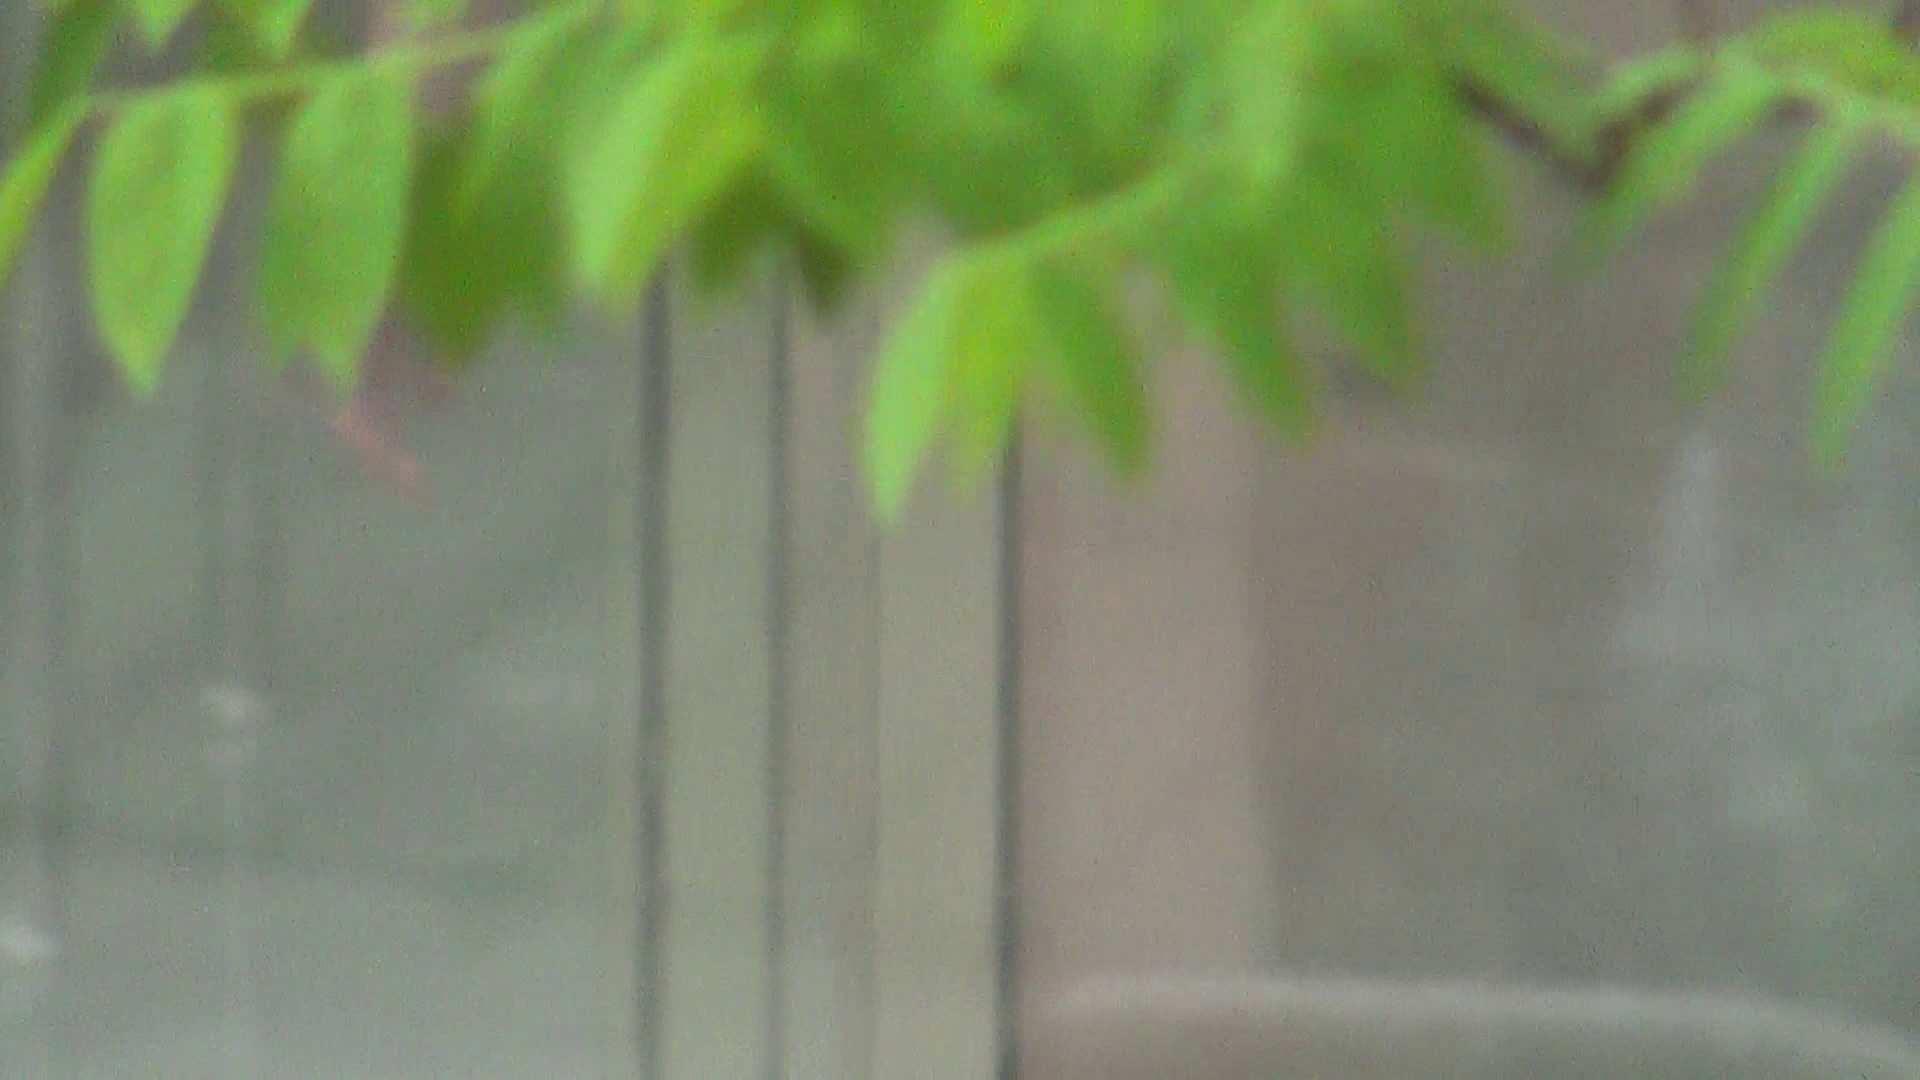 ハイビジョンVol.11 美女盛り合わせ No.5 美女   露天丸見え  68画像 1